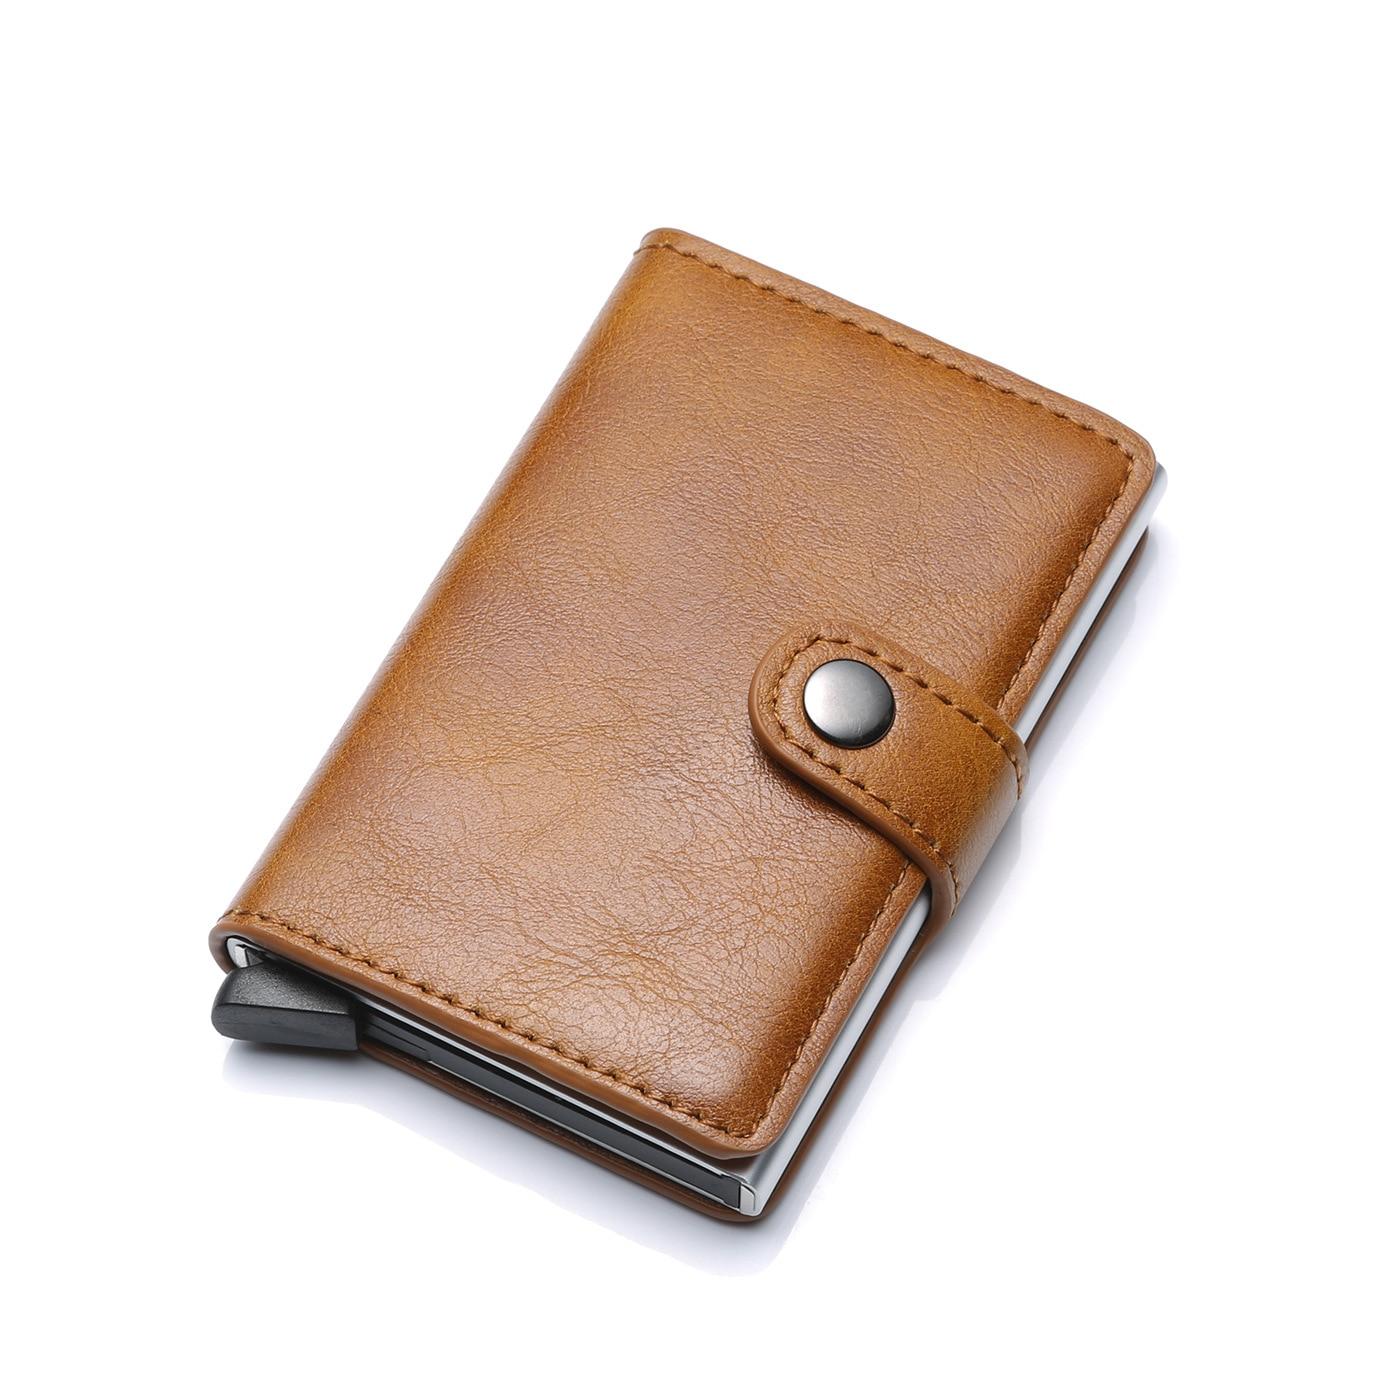 Novo anti-roubo automático cartão de crédito moeda bolsa carteira de alumínio dos homens bolso traseiro id titular do cartão rfid bloqueio mini carteira mágica